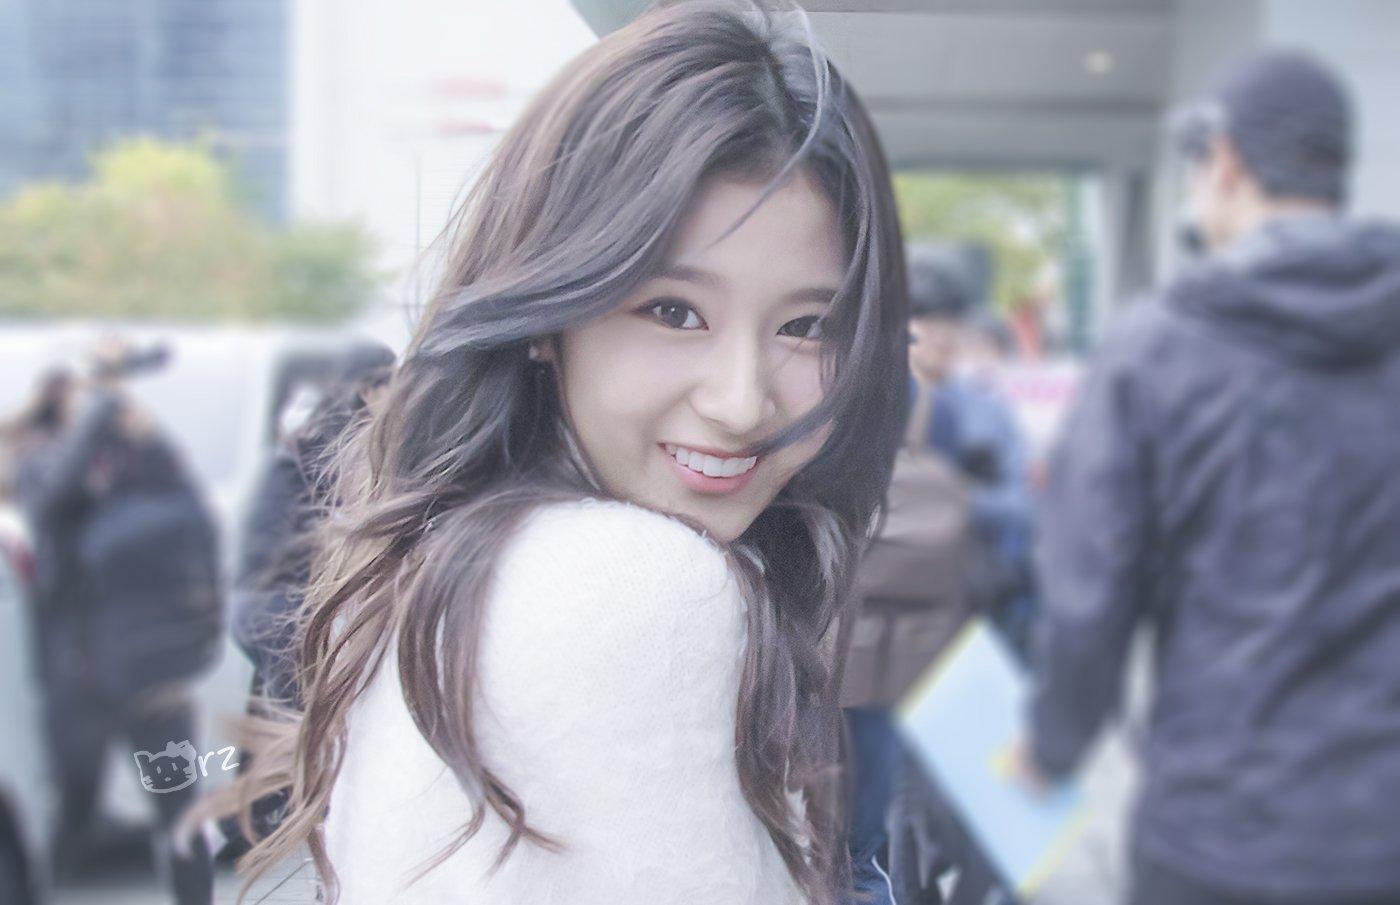 My Idol Photostory Sana Of Twice Kpopmap